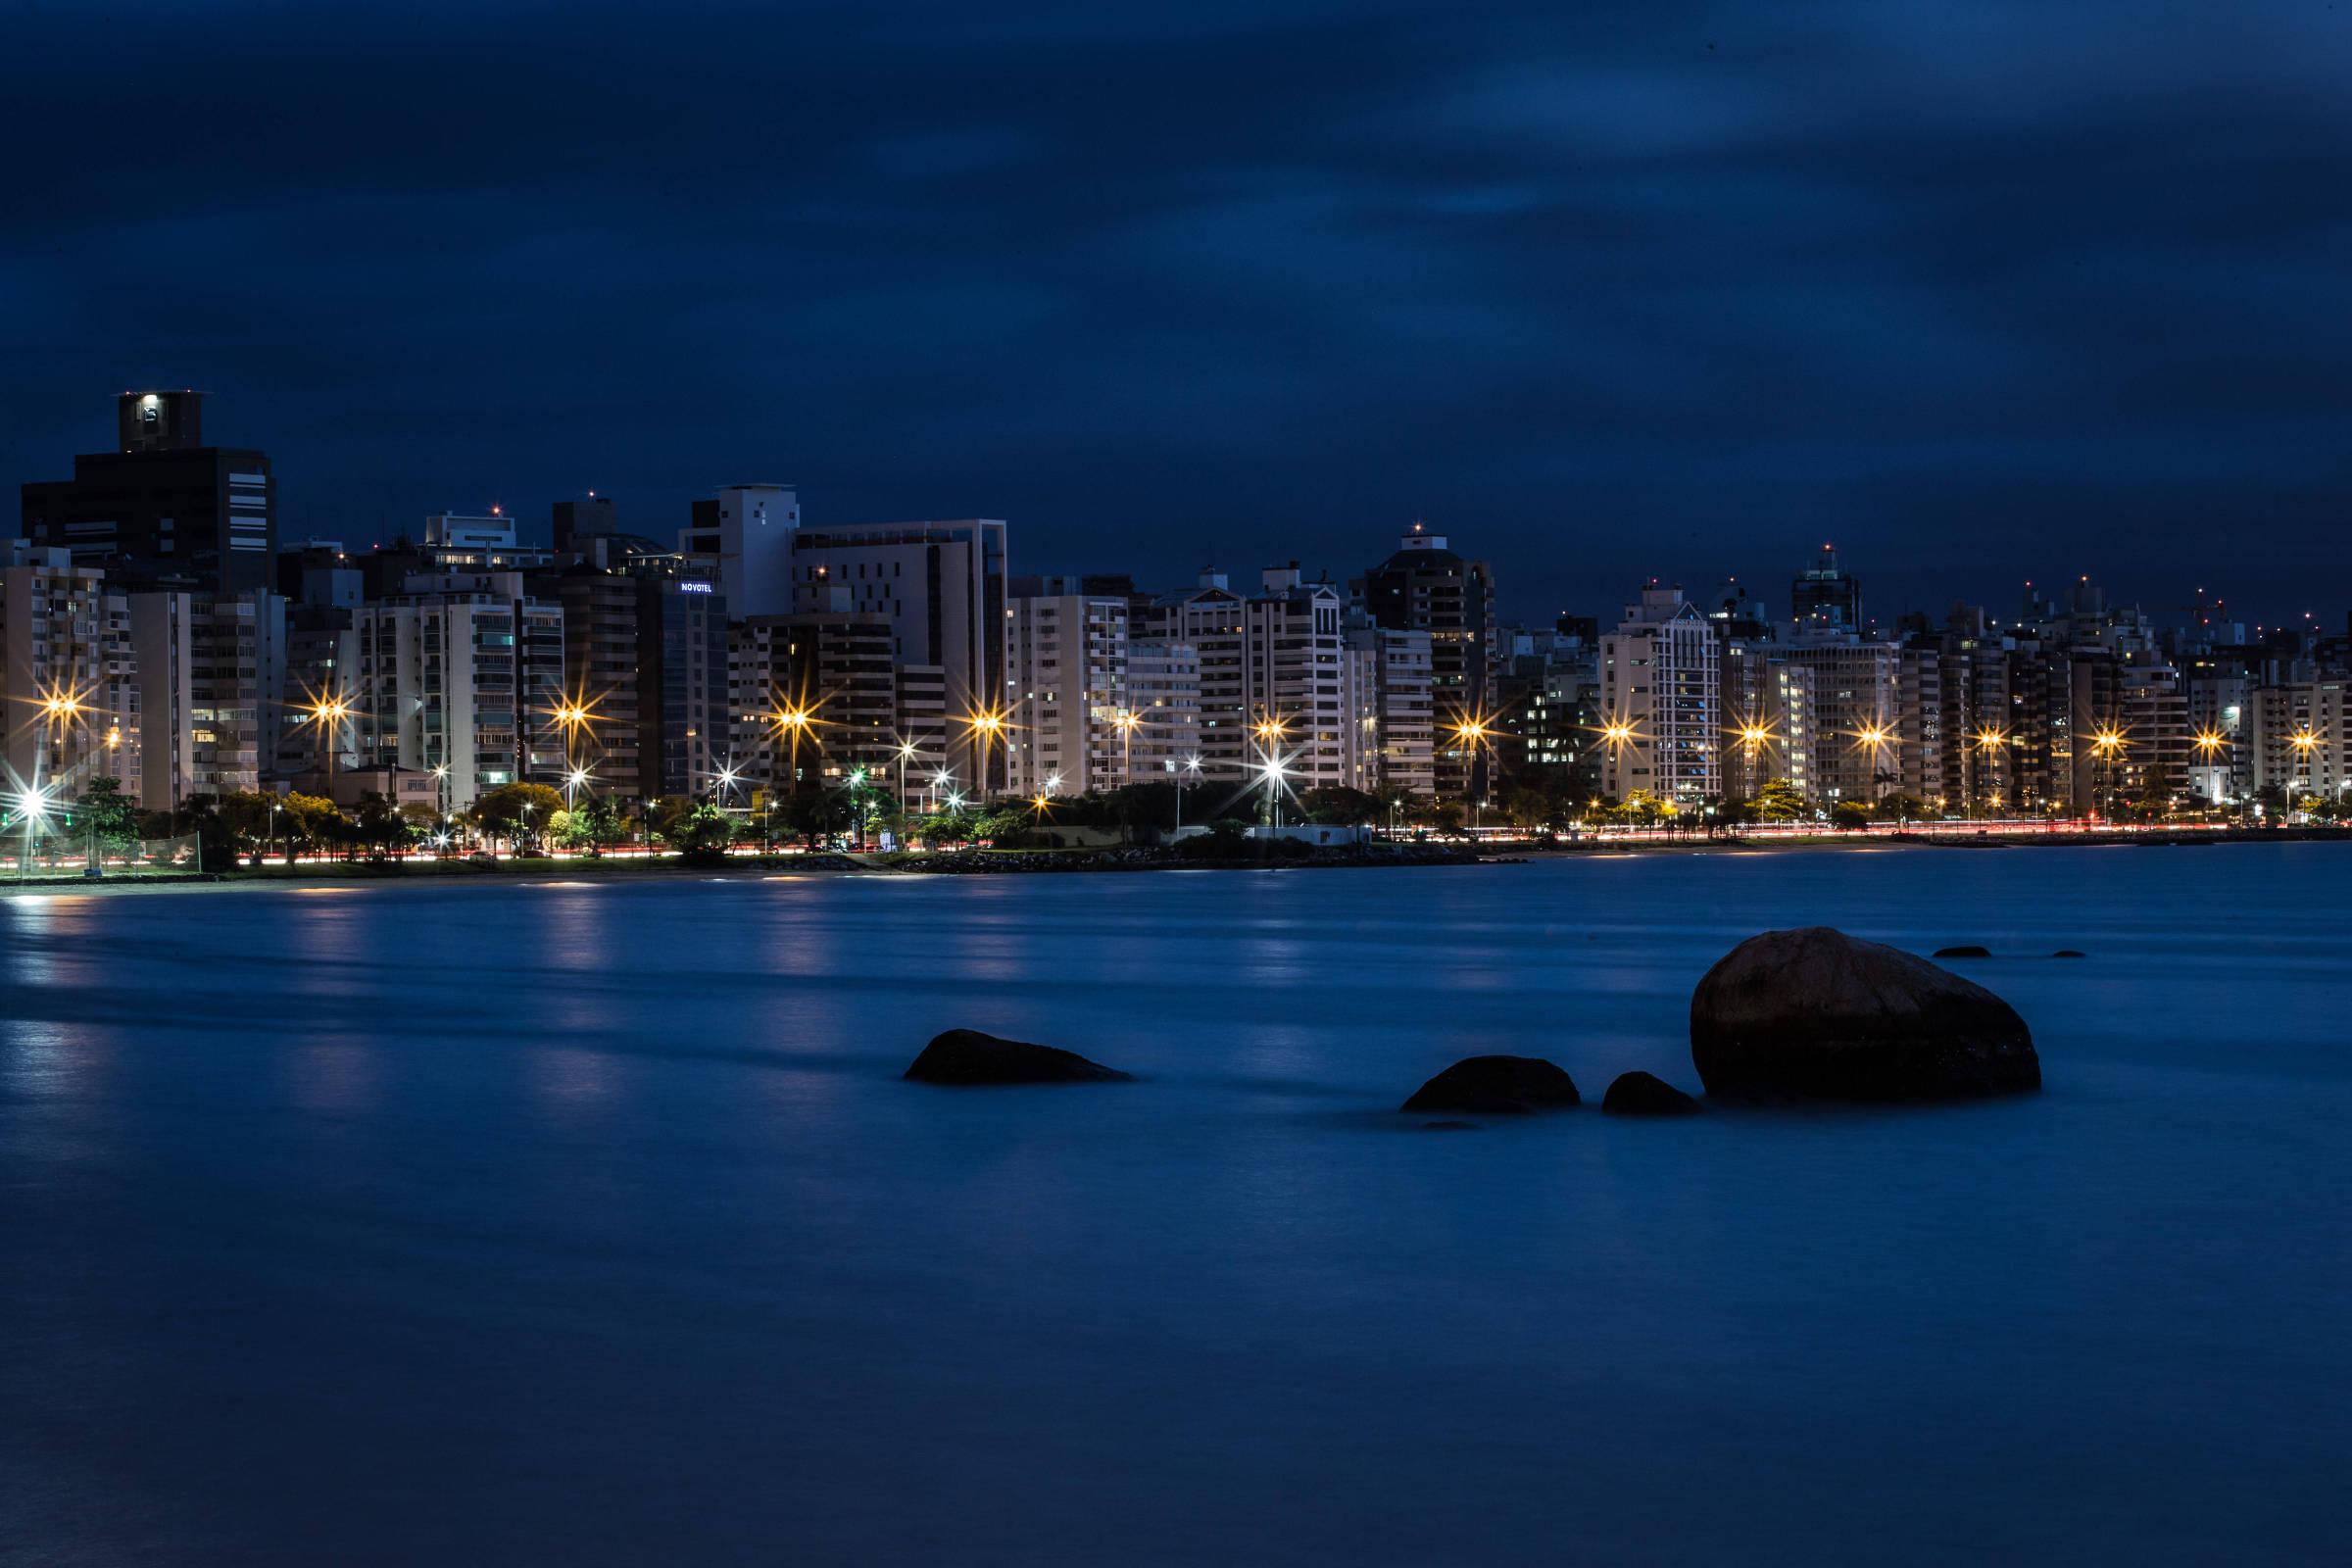 Orla da capital Florianópolis; Santa Catarina ocupa a primeira colocação por gastar relativamente pouco para ter indicadores acima da média (Bruno Santos/Folhapress)